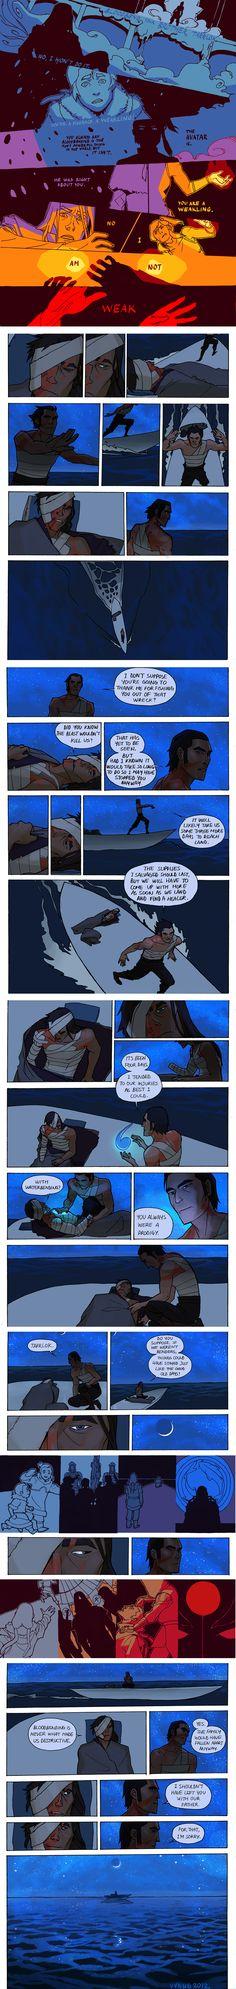 bloodbending brothers epilogue by Doodle-Master.deviantart.com spoiler alert